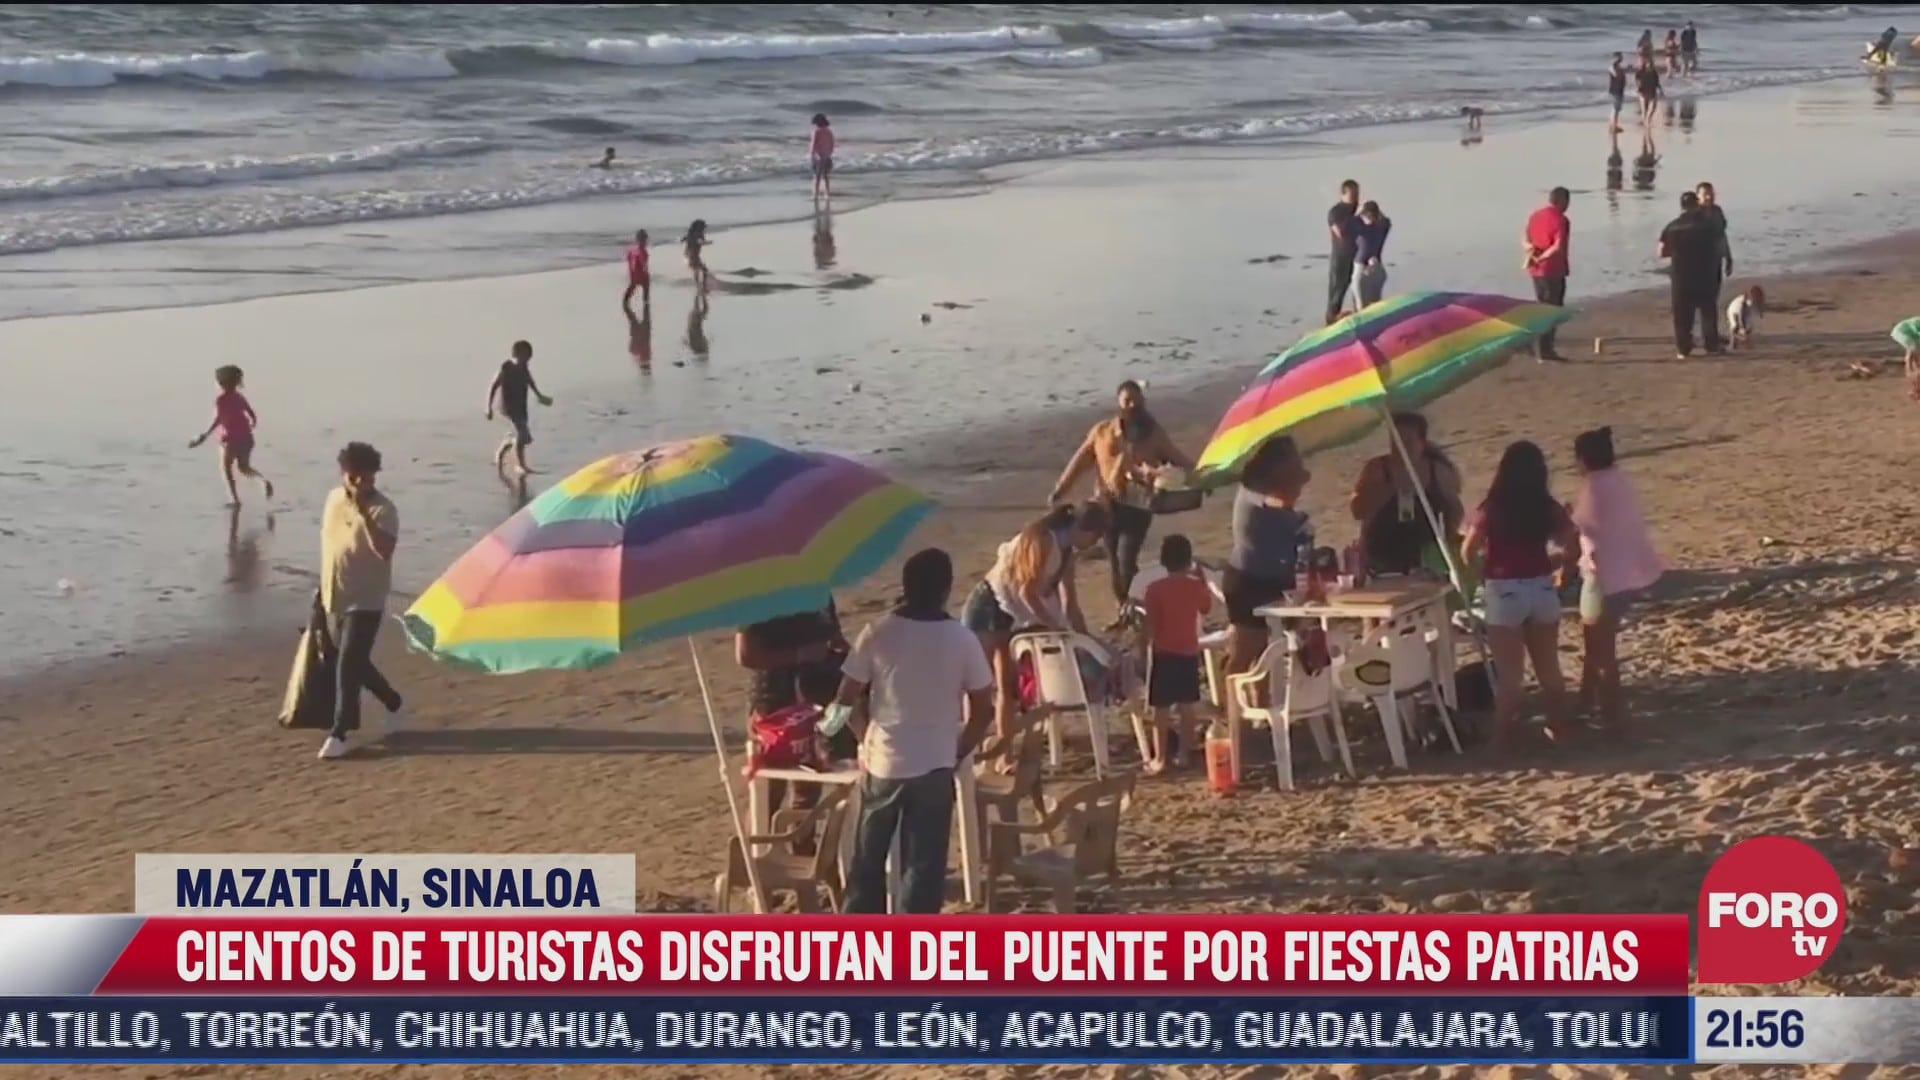 cientos de turistas arriban a mazatlan sinaloa